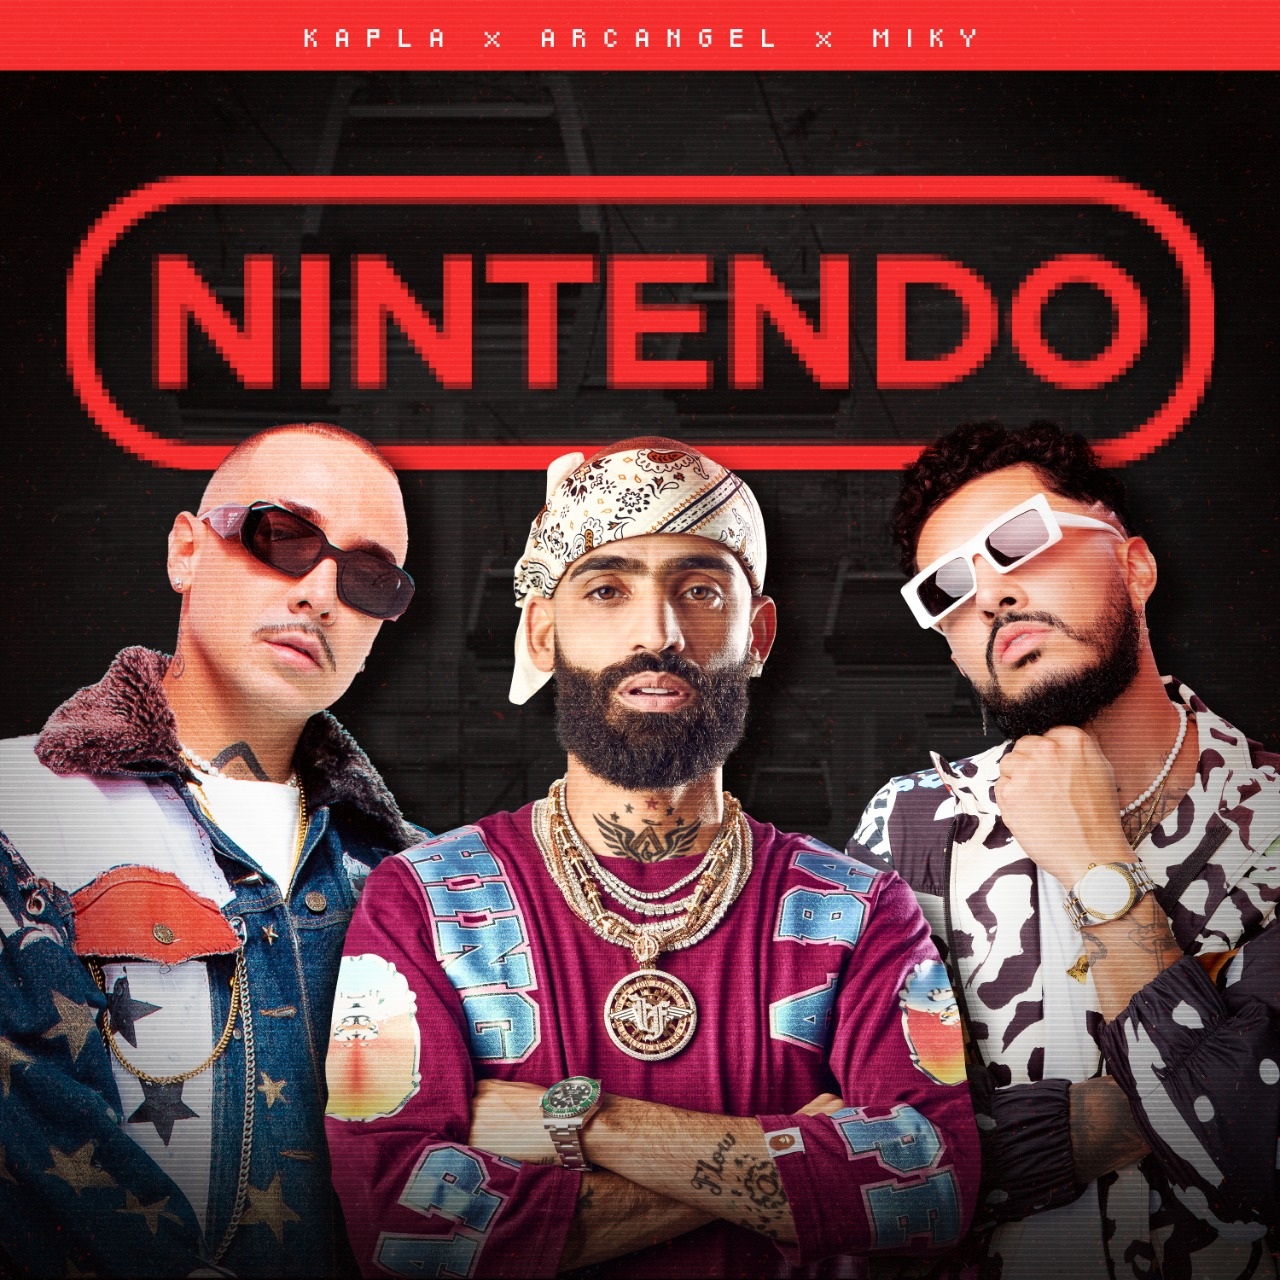 Se estrena el video oficial de Nintendo de Arcángel (la maravilla) junto a Kapla y Miky